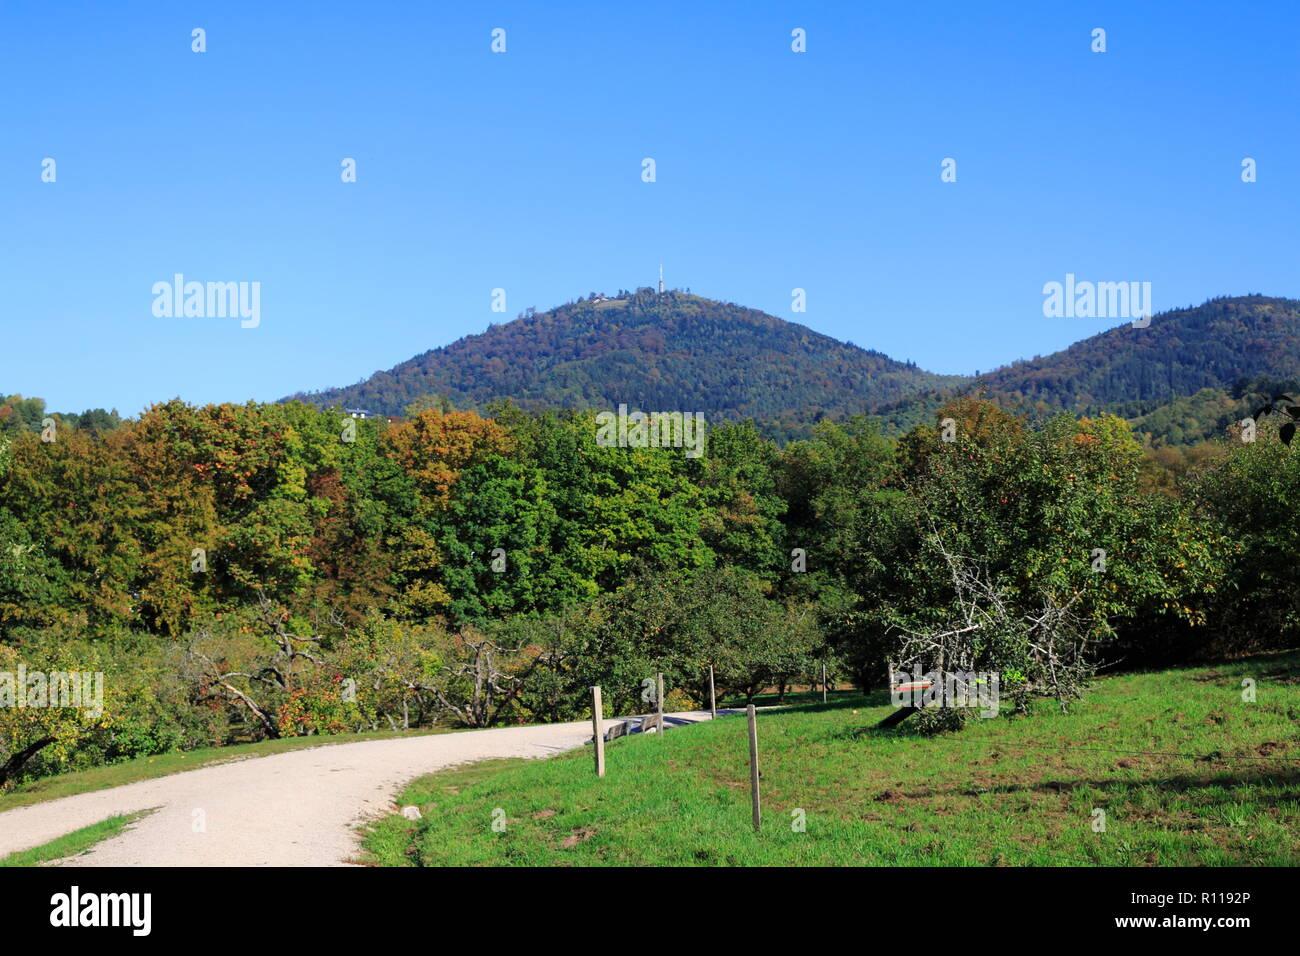 Blick über das öffentliche Obstgut, auf den Berg Merkur in Baden-Baden - Stock Image